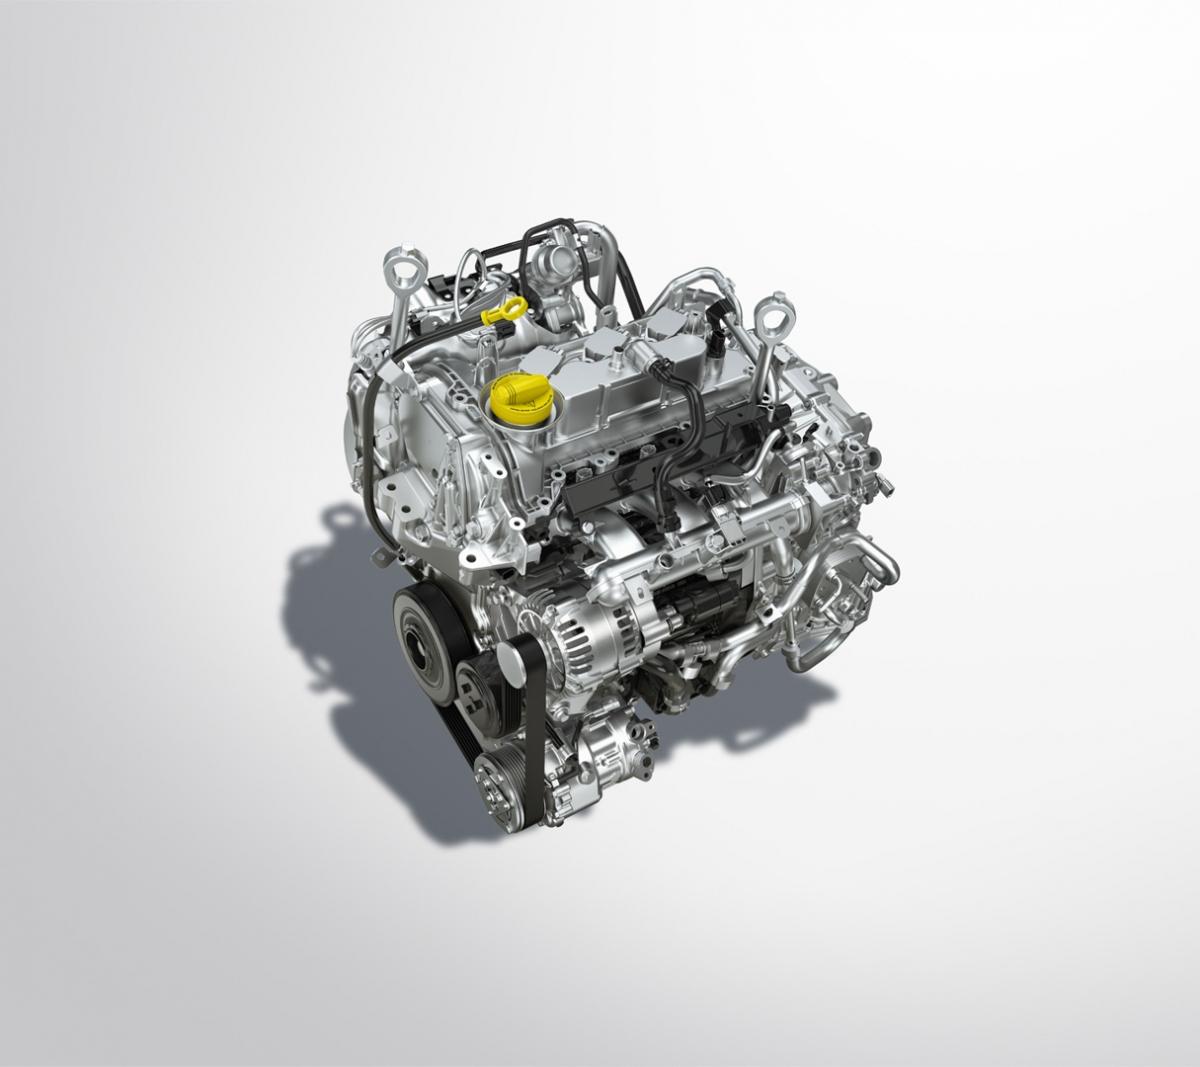 Xe sử dụng chung nền tảng CMF-A với Renault Triber, Nissan Magnite sở hữu khối động cơ tăng áp dung tích 1.0 lít với khả năng tạo ra công suất cực đại 95 mã lực, sử dụng cùng hộp số tự động vô cấp (CVT).